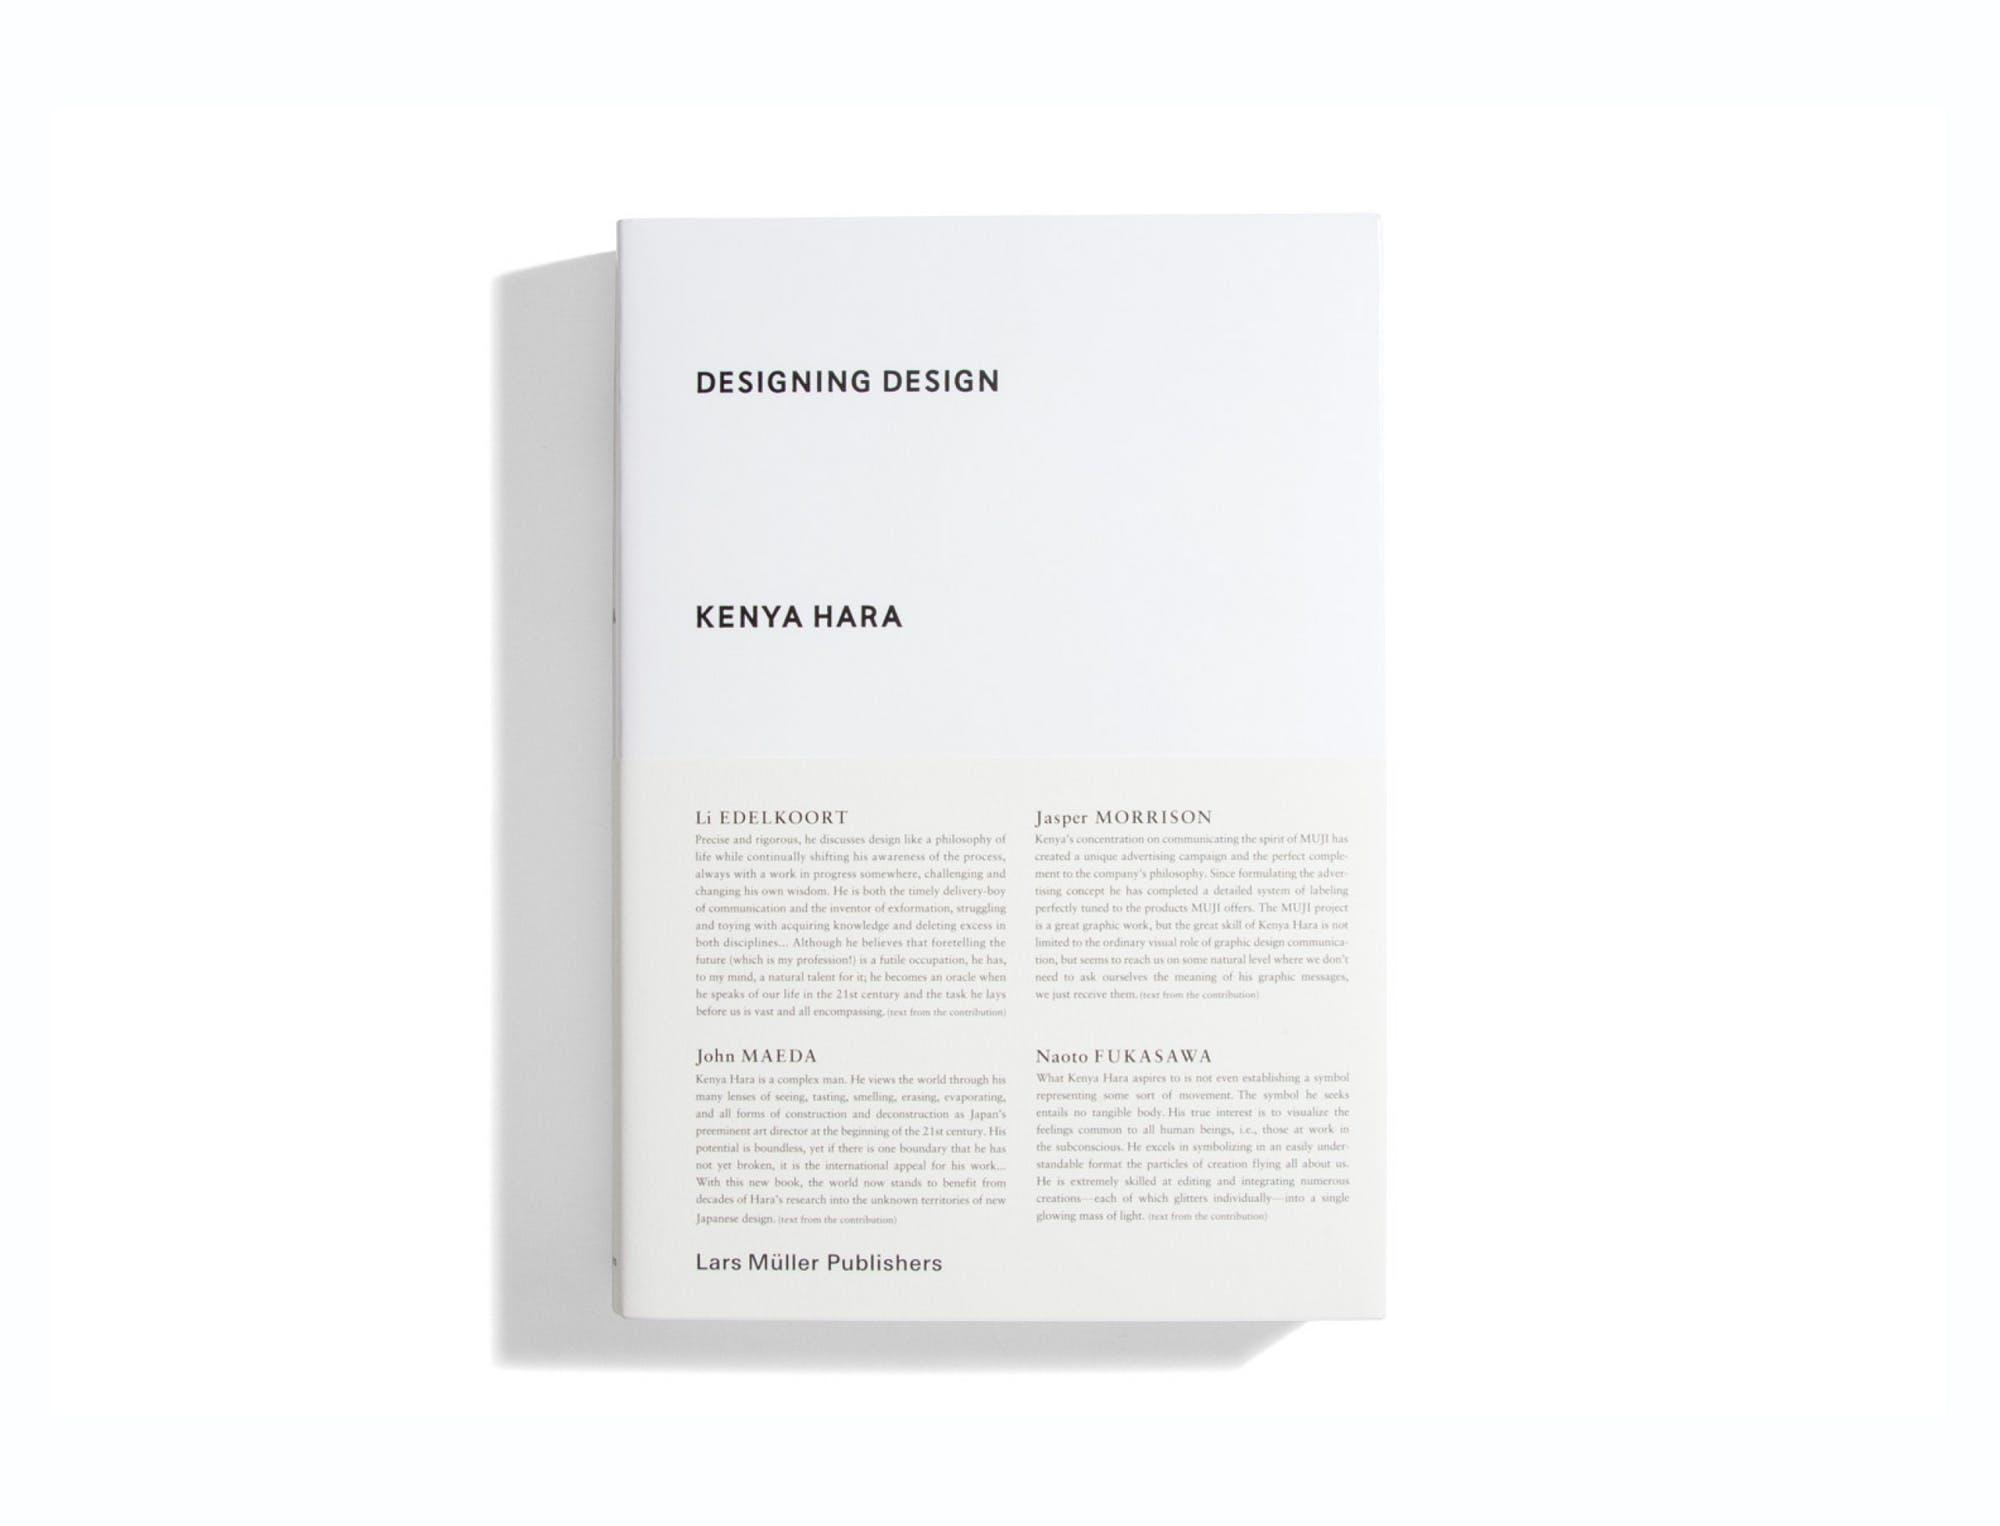 designing design book